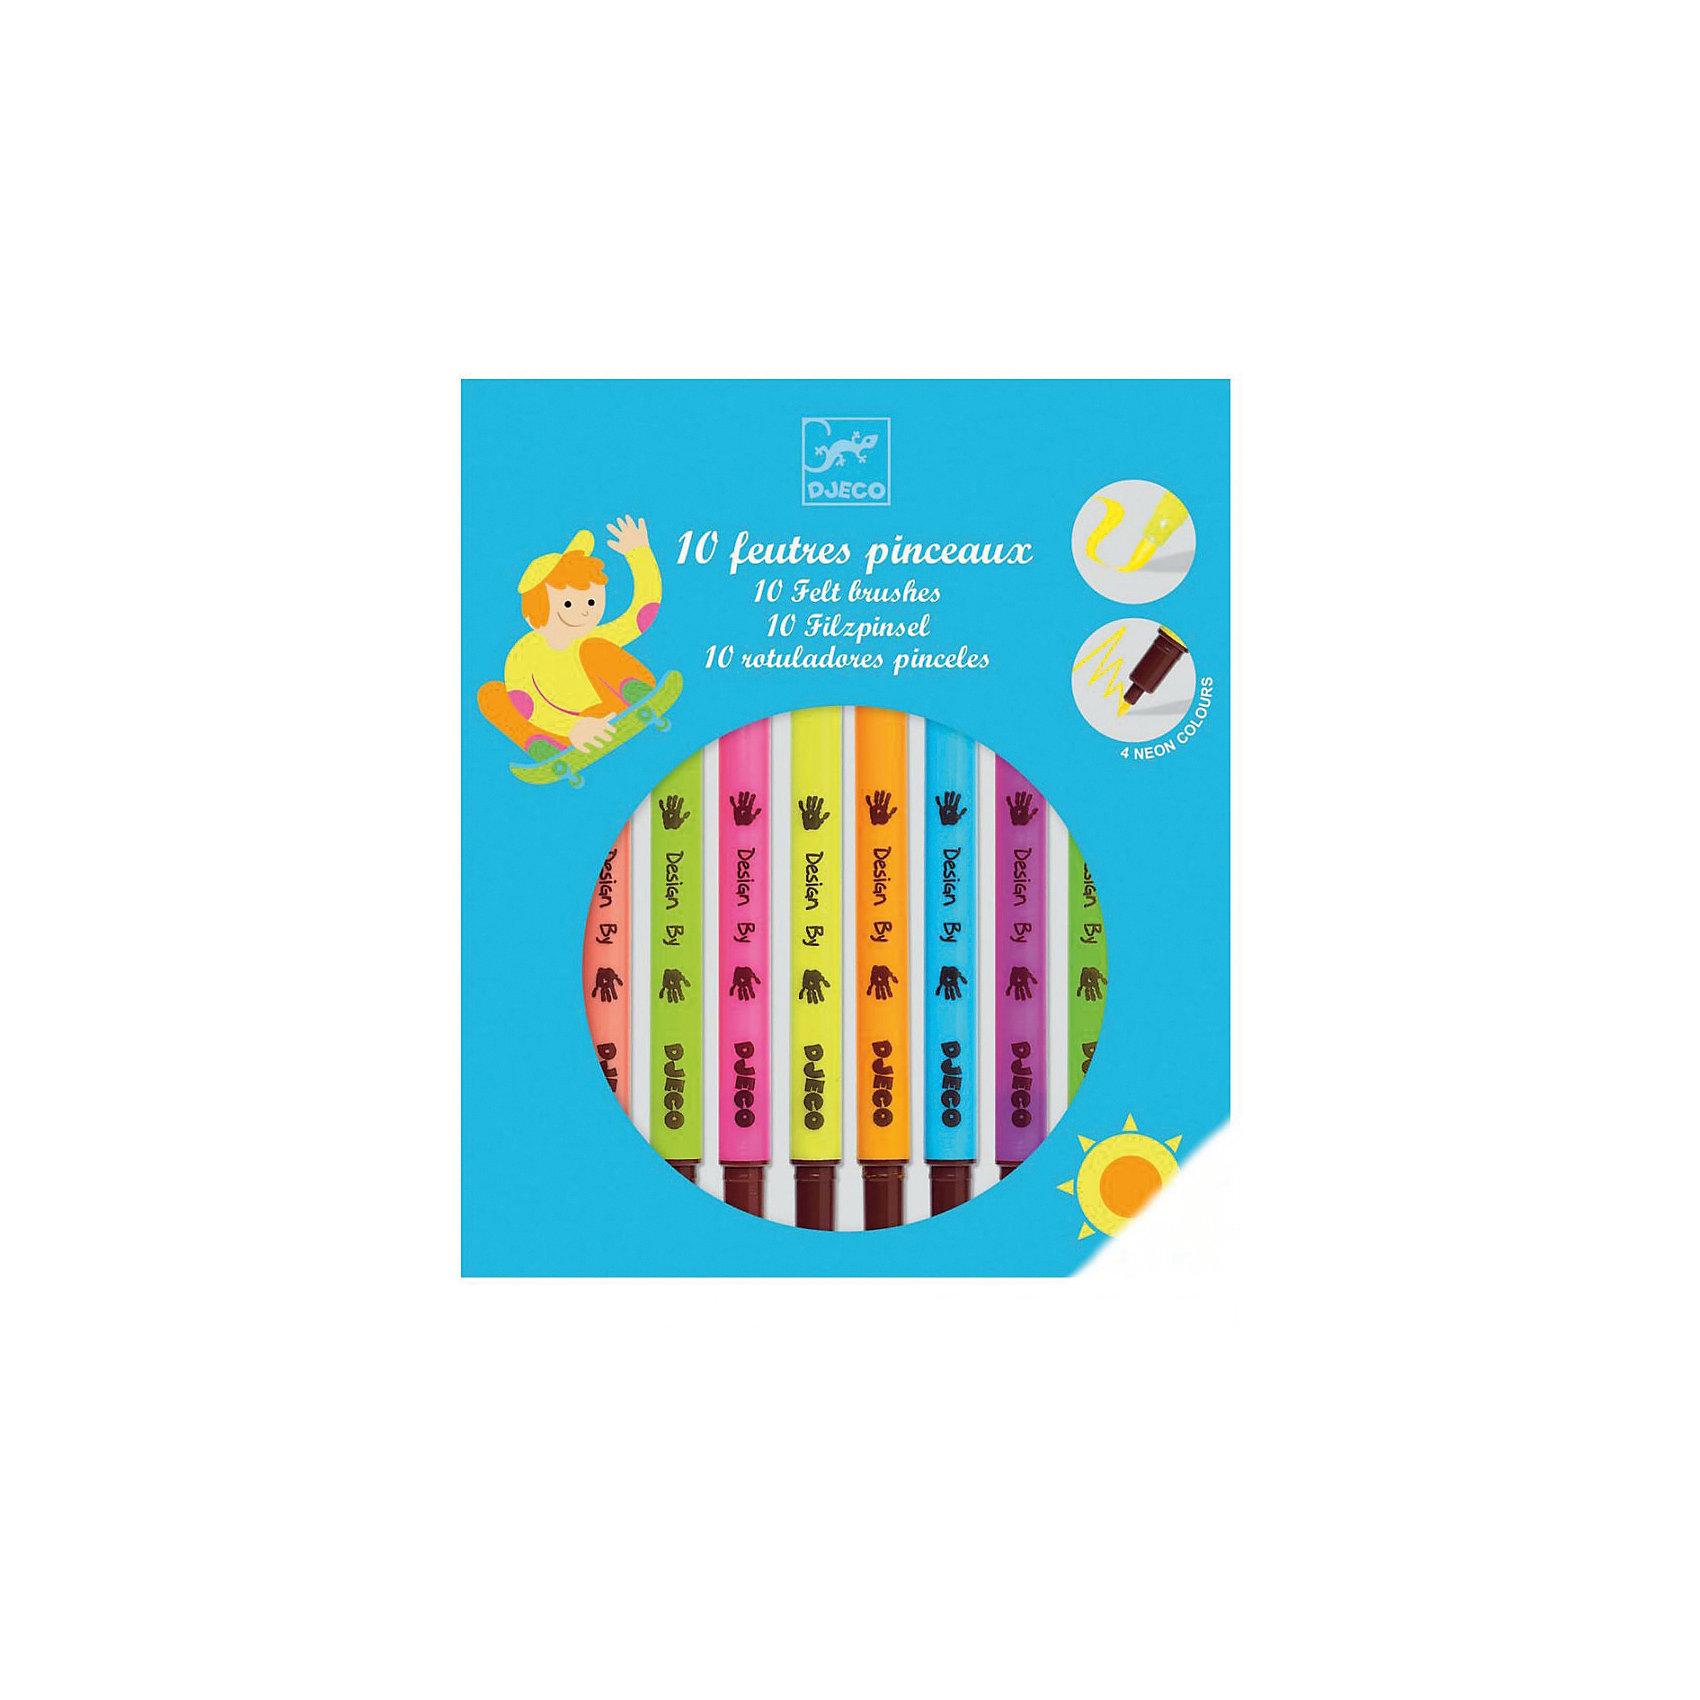 Набор двухсторонних фломастеров, 10 шт., DJECOПисьменные принадлежности<br>Характеристики набора двухсторонних фломастеров:<br><br>• возраст: от 6 лет<br>• пол: универсальный<br>• комплект: 10 фломастеров.<br>• состав: пластик, краситель.<br>• размер упаковки: 19.2 х 16.5 х 1.5 см.<br>• упаковка: картонная коробка блистерного типа.<br>• бренд: Djeco<br>• страна обладатель бренда: Франция.<br><br>Двухсторонние фломастеры от торговой марки Djeco (Джеко) десяти ярких цветов легко наносятся, благодаря им рисунок получается насыщенных и сочных цветов. Такие необычные фломастеры понравятся юному художнику: на одном конце у них тонкий грифель, а на другом - они в виде кисти для более мягкого нанесения. Ребенок может ими раскрашивать, оформлять письменные работы, рисовать и вволю воплощать свою фантазию. <br><br>Набор двухсторонних фломастеров от торговой марки Djeco (Джеко) можно купить в нашем интернет-магазине.<br><br>Ширина мм: 160<br>Глубина мм: 167<br>Высота мм: 190<br>Вес г: 132<br>Возраст от месяцев: 72<br>Возраст до месяцев: 2147483647<br>Пол: Унисекс<br>Возраст: Детский<br>SKU: 5448805